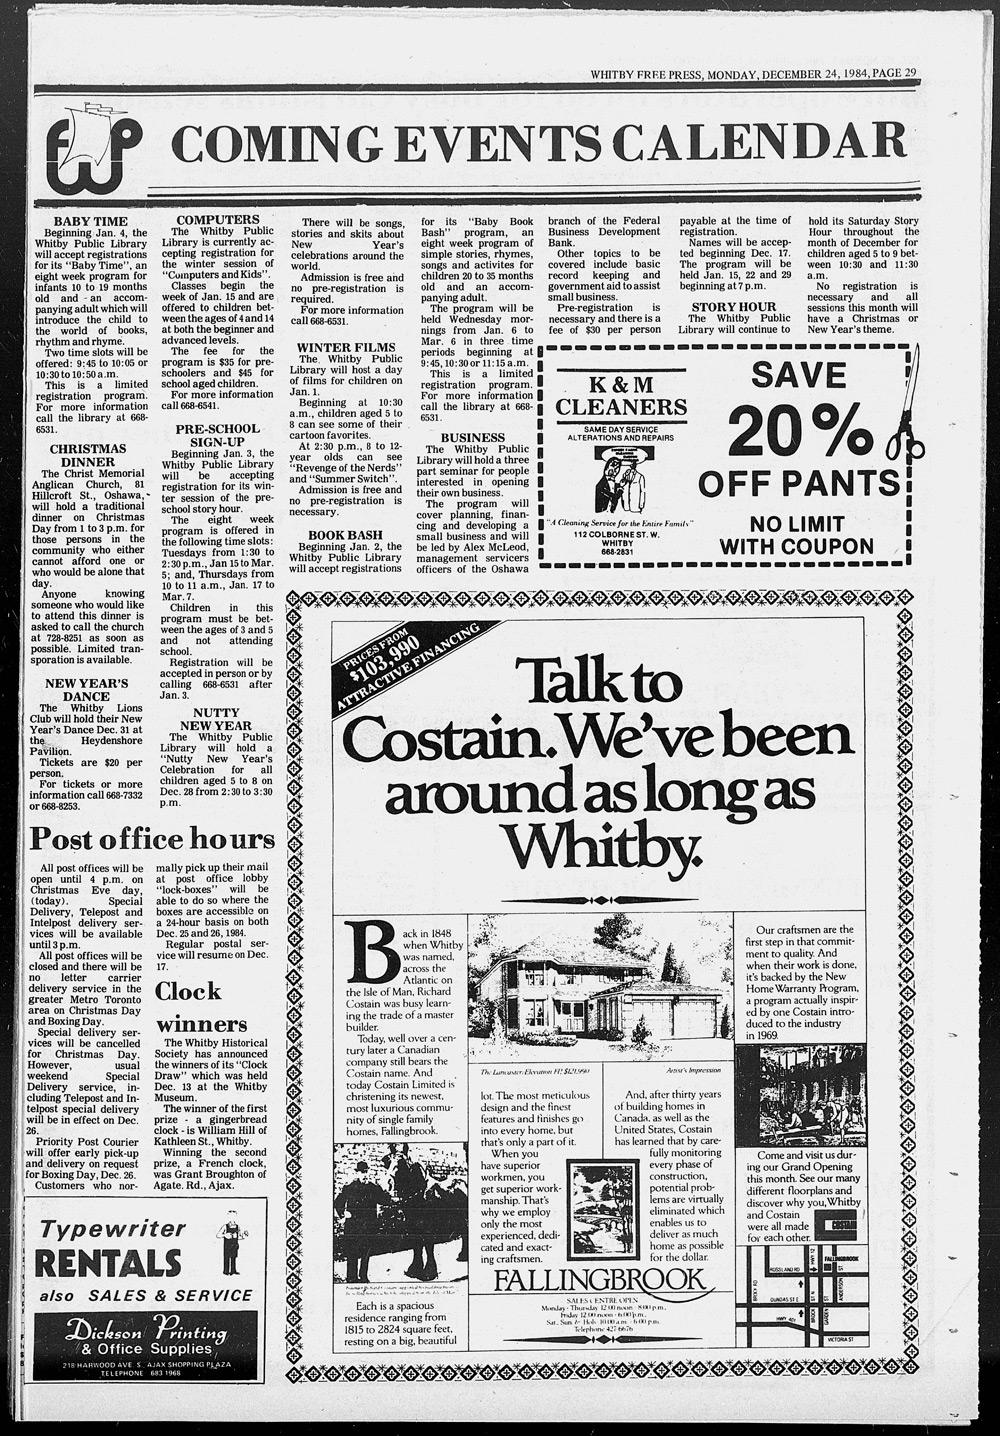 Whitby Free Press, 24 Dec 1984